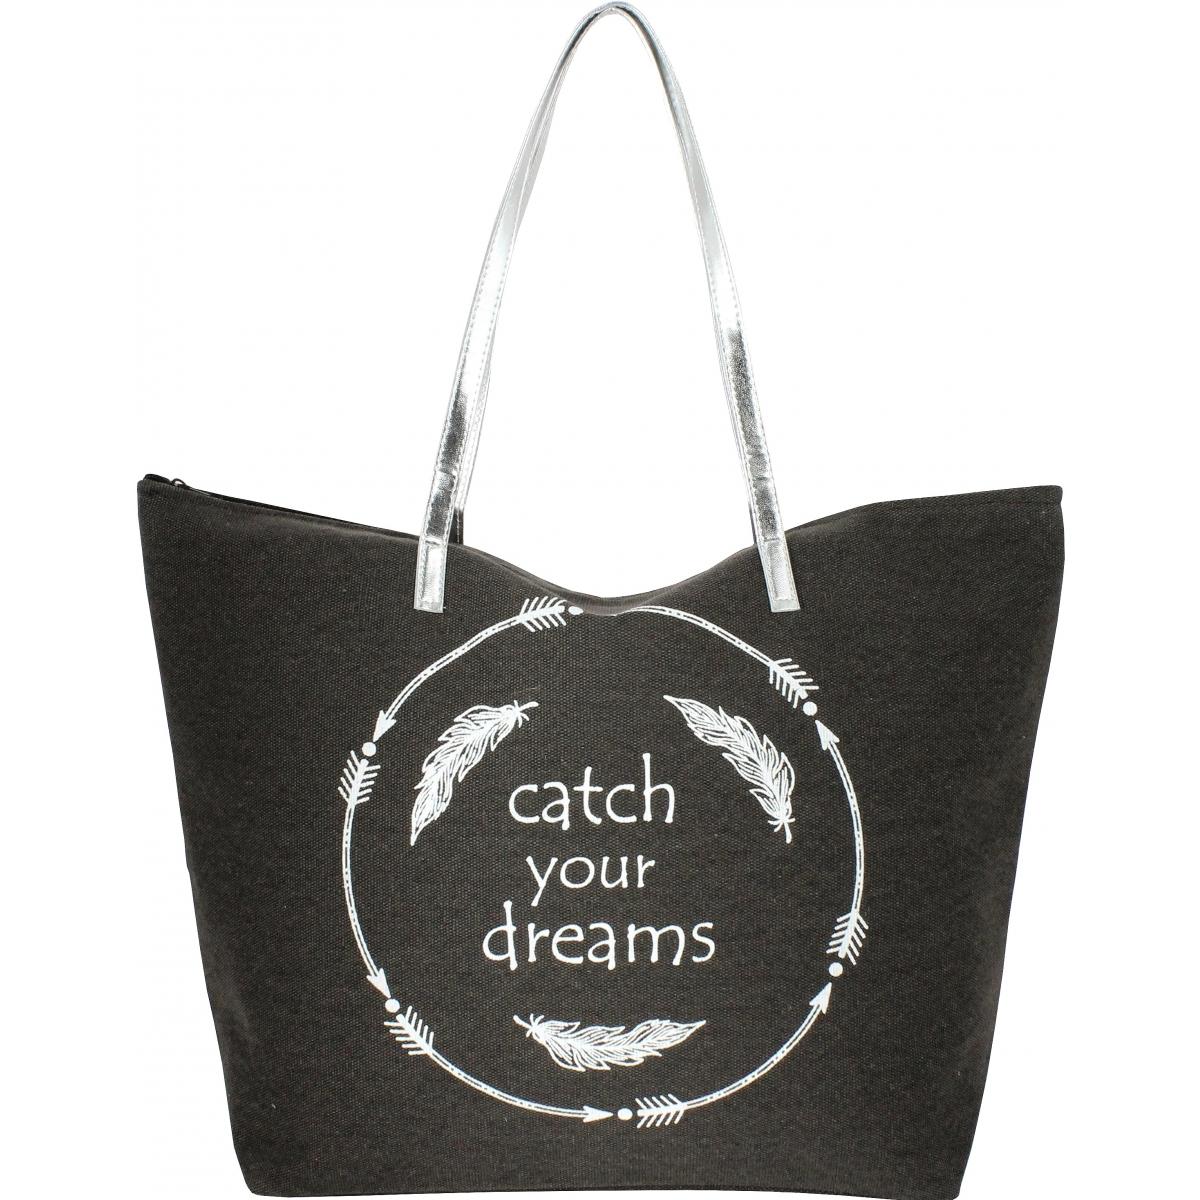 sac de plage krlot fkzx11350a noir couleur principale. Black Bedroom Furniture Sets. Home Design Ideas